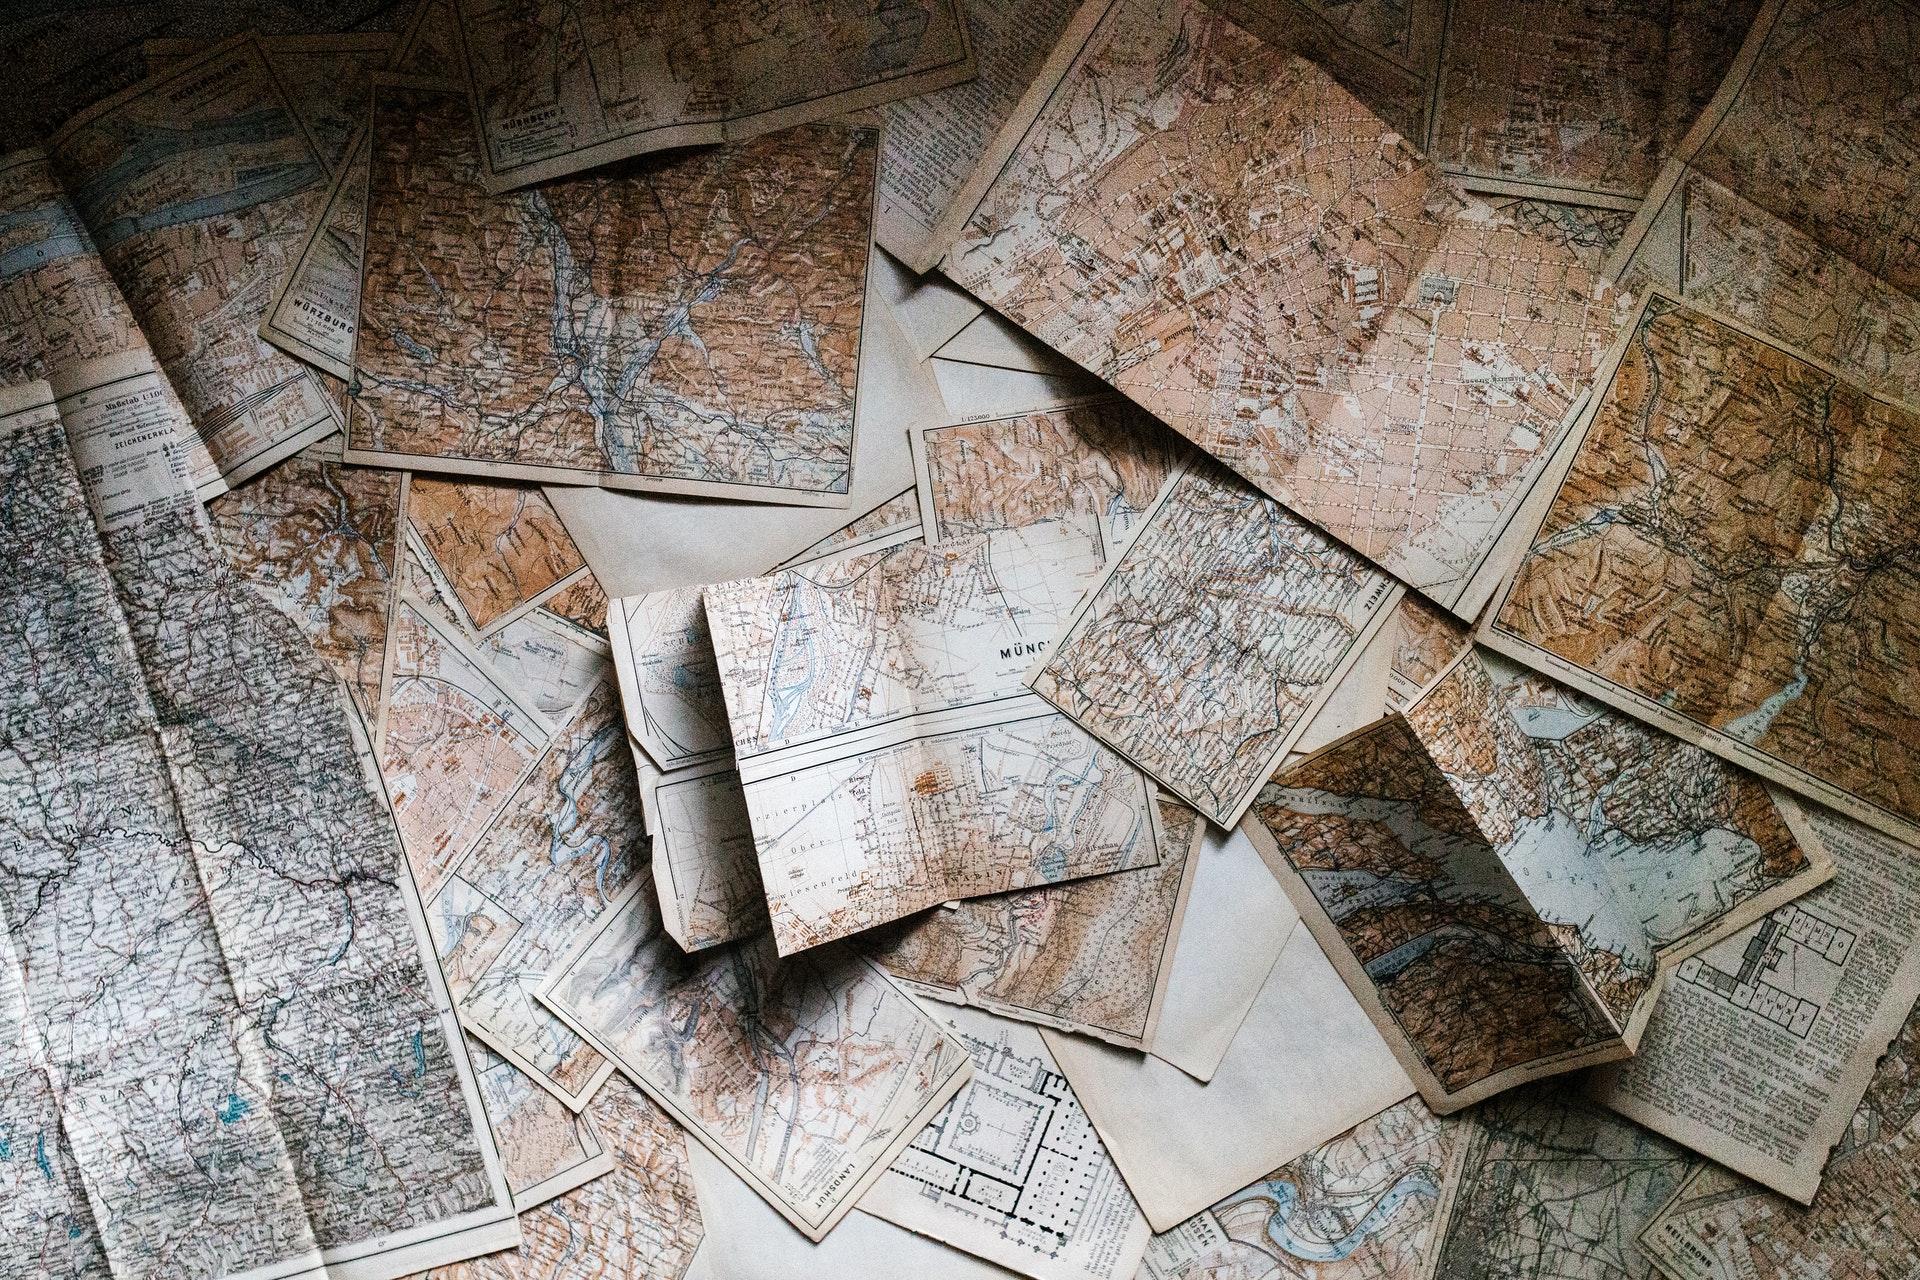 Vemos vários mapas abertos espalhados pelo chão (imagem ilustrativa). Texto: melhores franquias de sucesso.